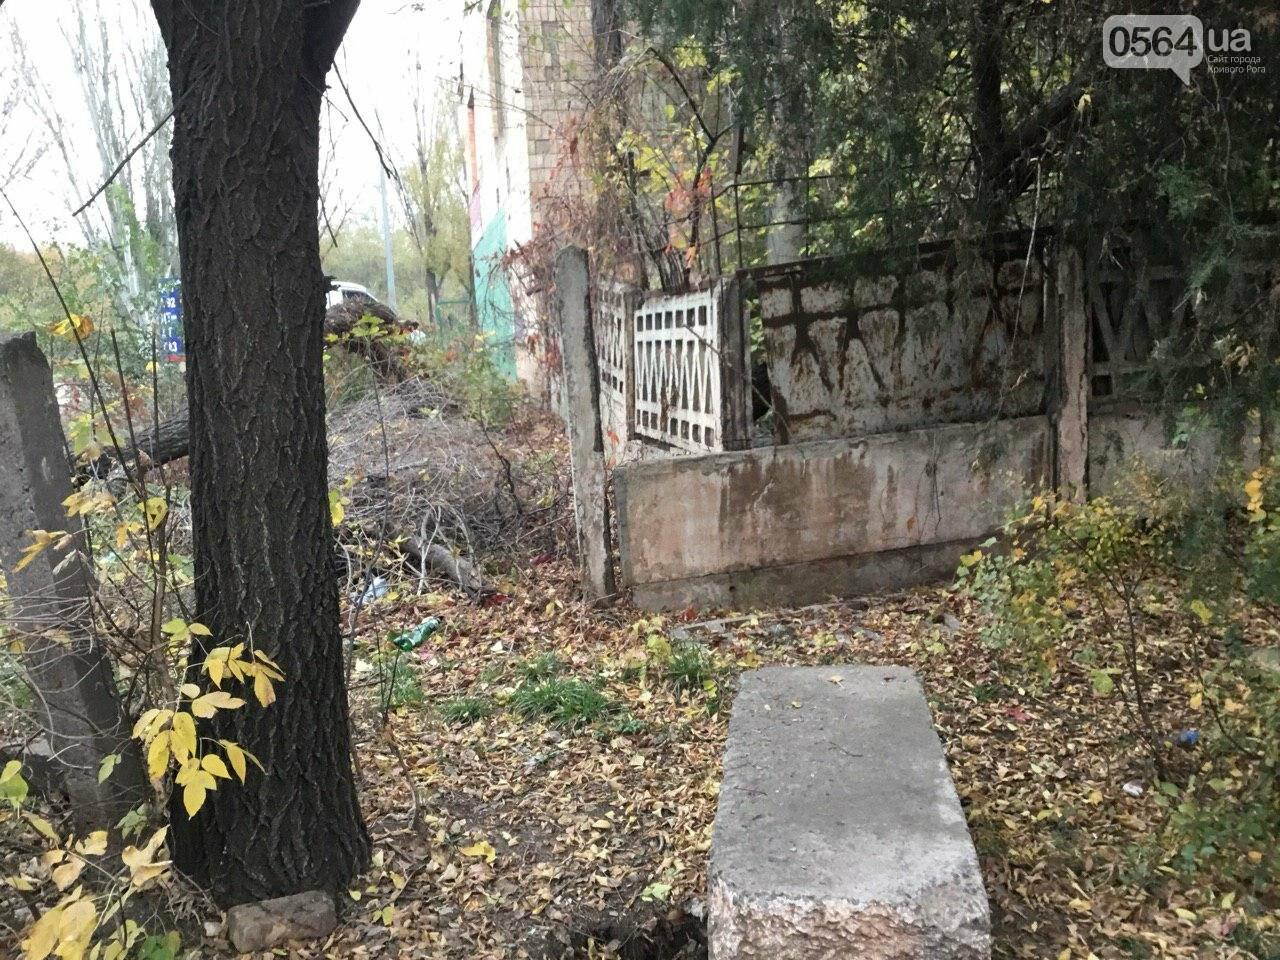 Депутат: в центре Кривого Рога 15 лет незаконно используют участок земли, - ФОТО, ВИДЕО, фото-27